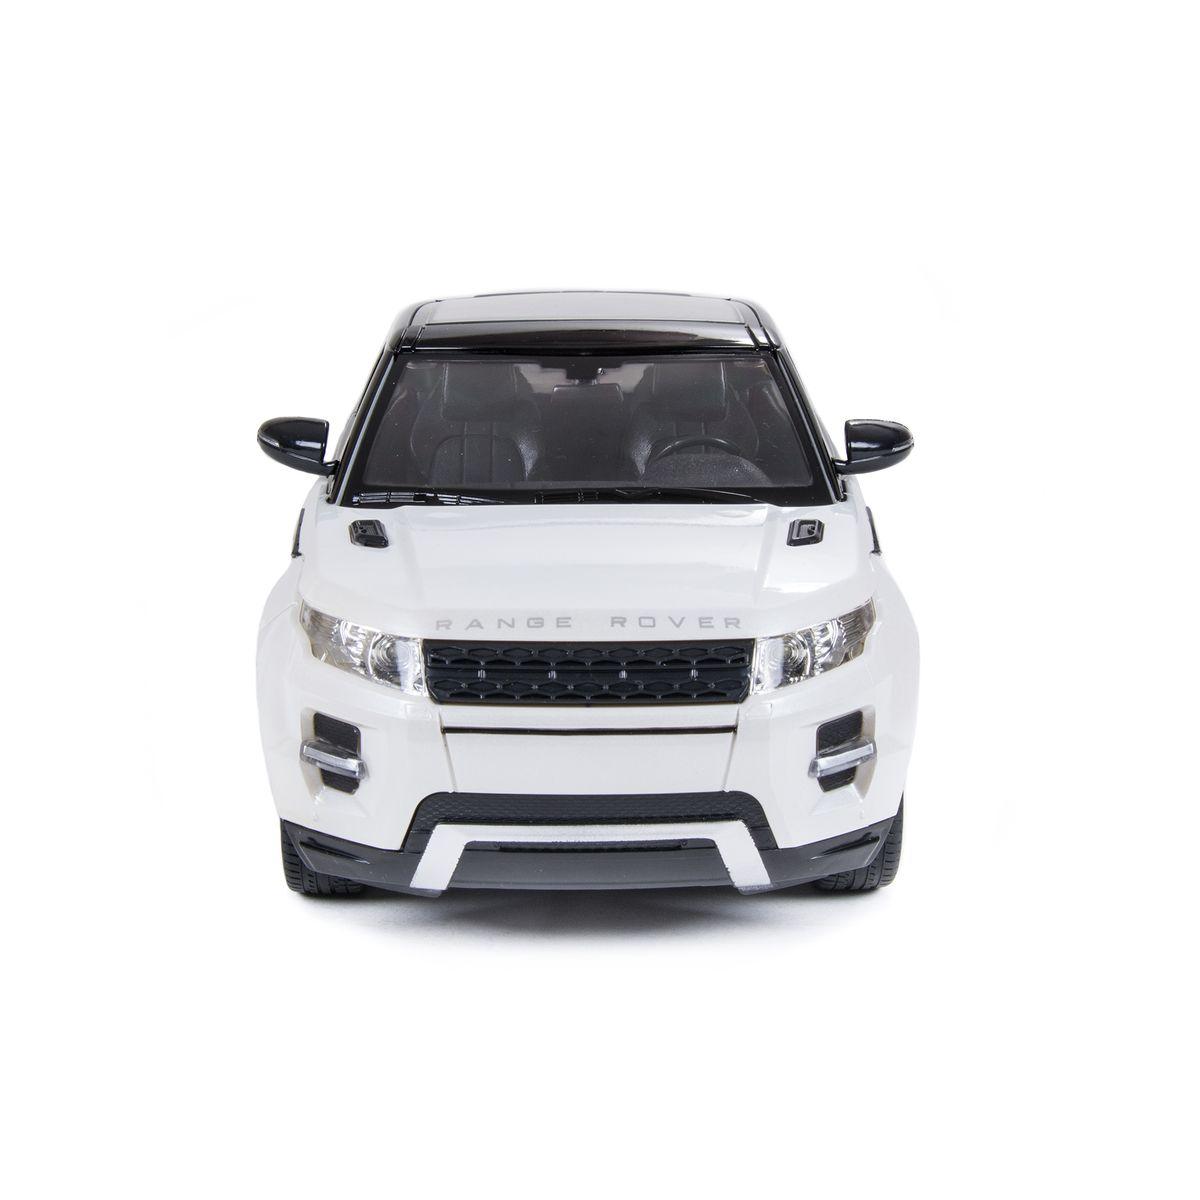 Pilotage Радиоуправляемая модель Range Rover Evoque RTRRC16664Данная модель, это точная копия машины Range Rover Evoque с высокой точностью детализации. Для большей копийности в модели предусмотрен детализированный салон, а так же при движении загораются все фары.